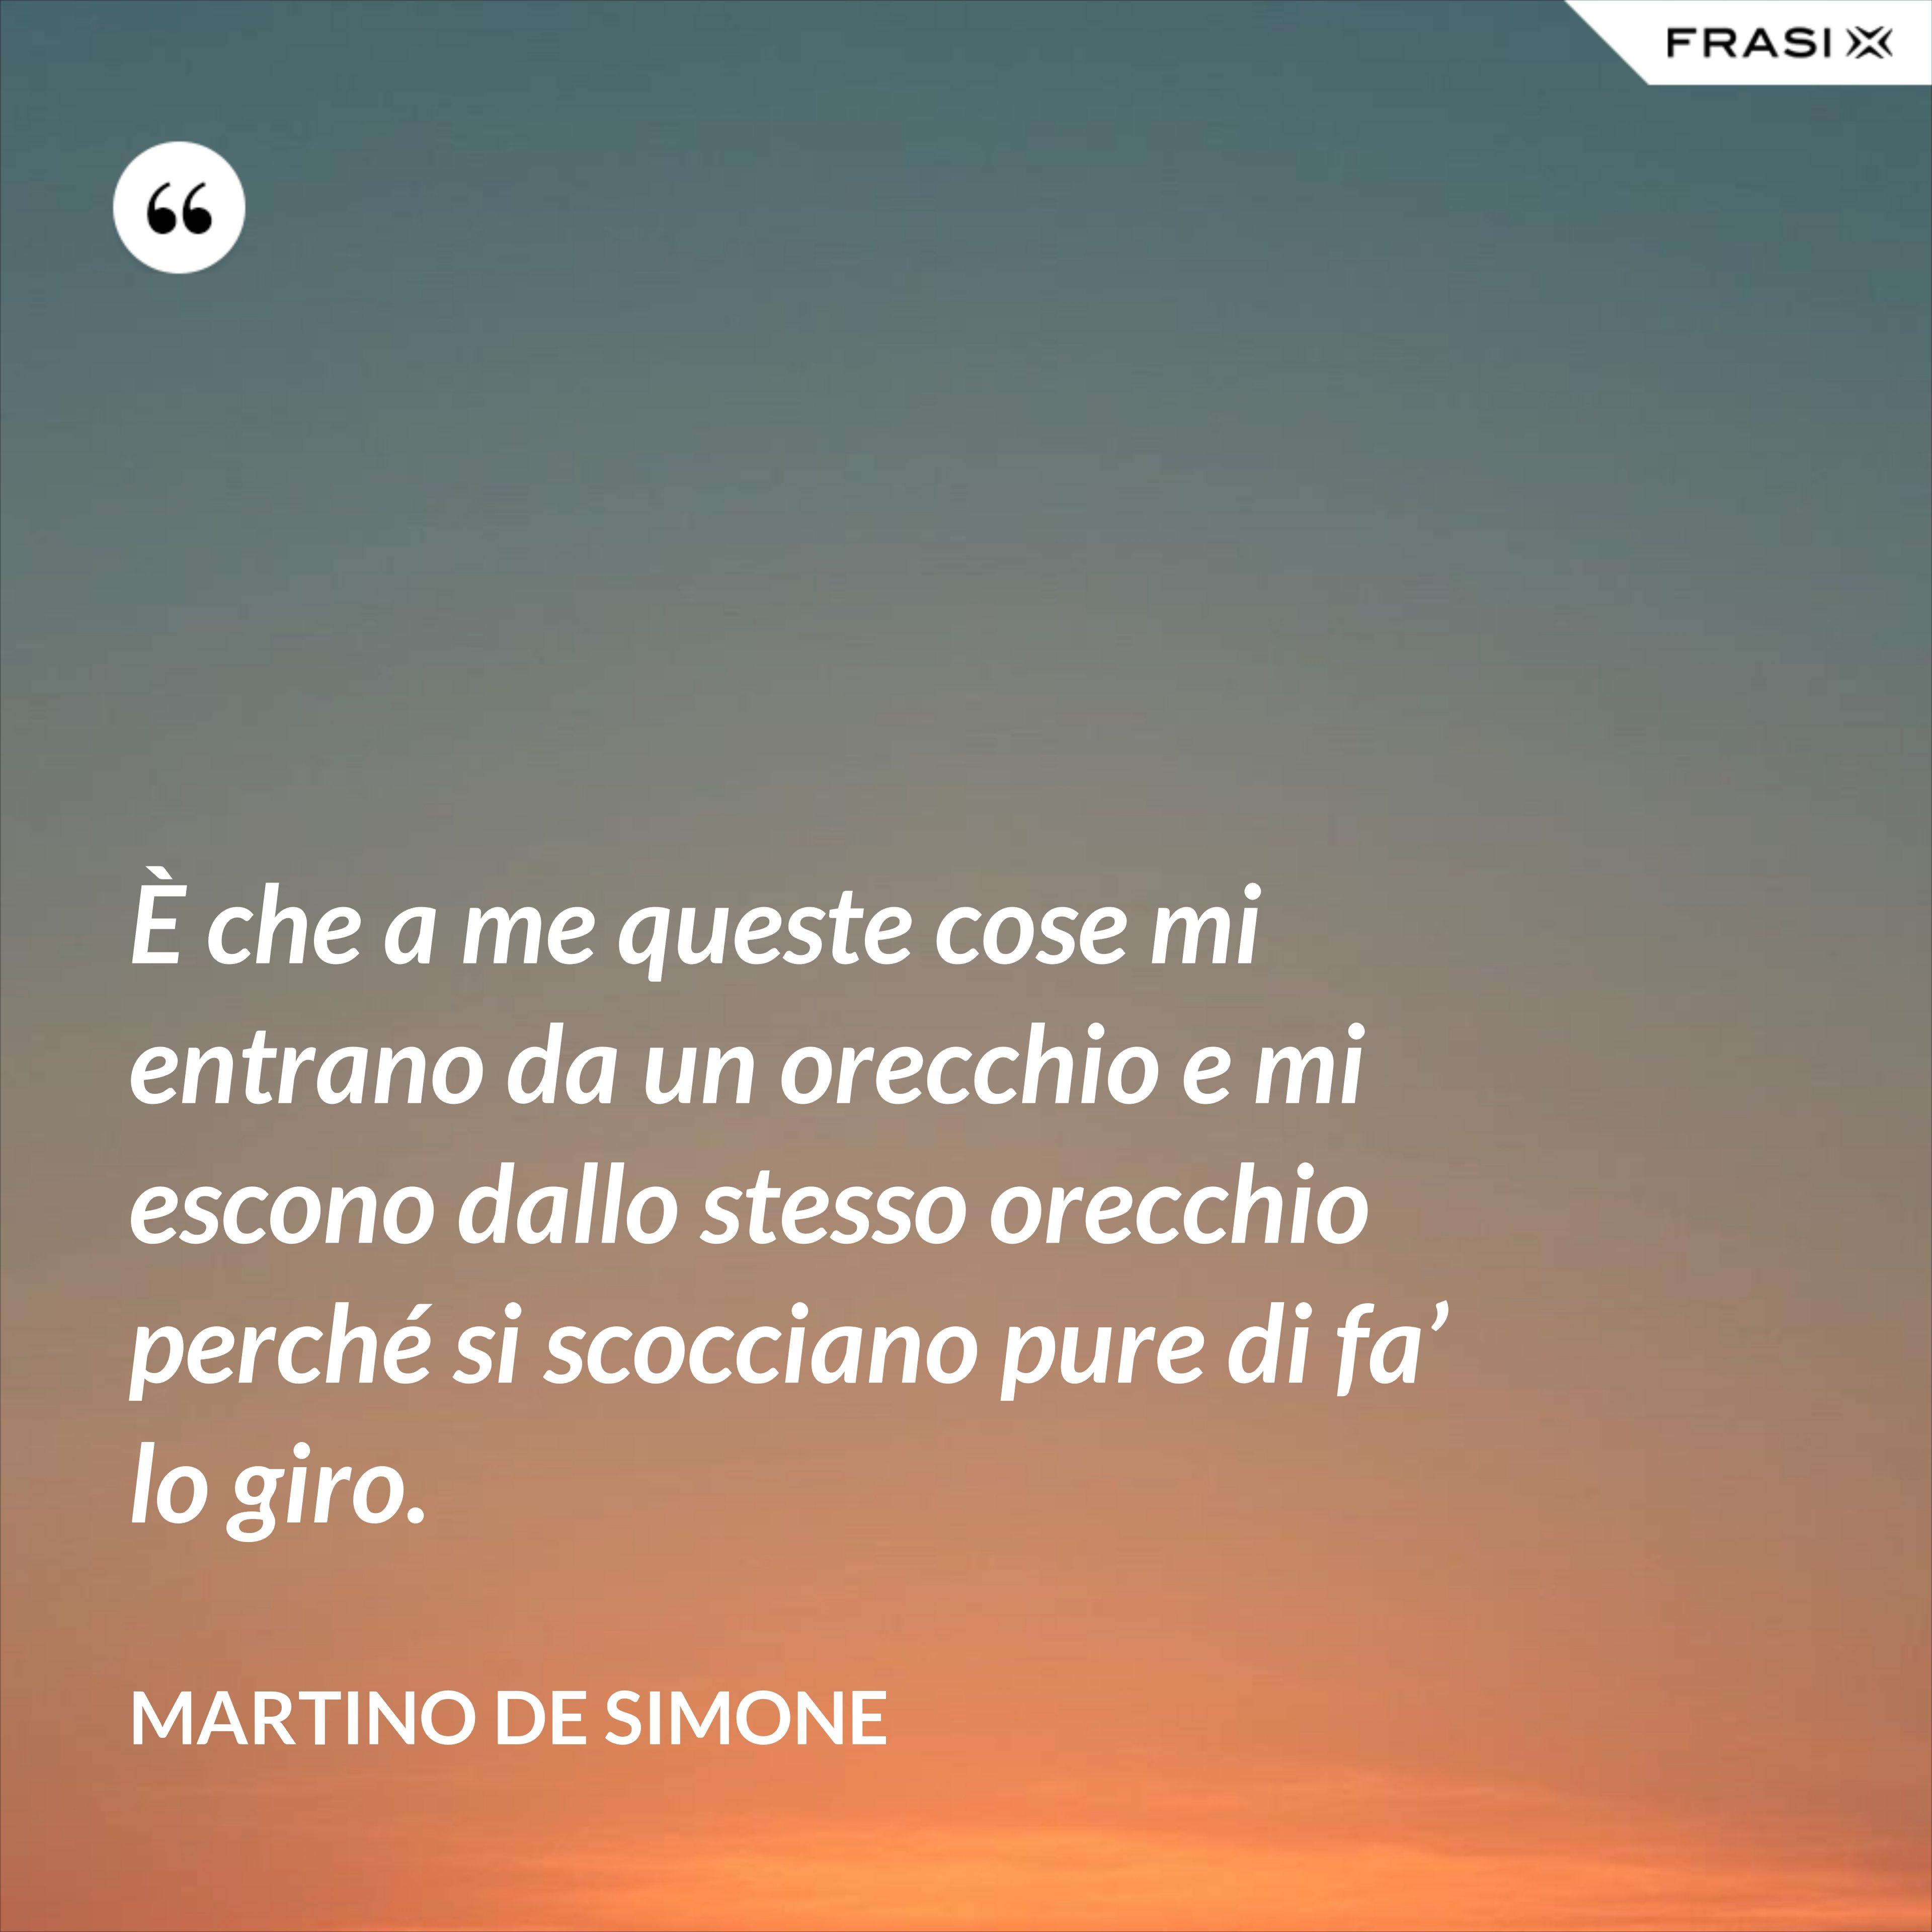 È che a me queste cose mi entrano da un orecchio e mi escono dallo stesso orecchio perché si scocciano pure di fa' lo giro. - Martino De Simone